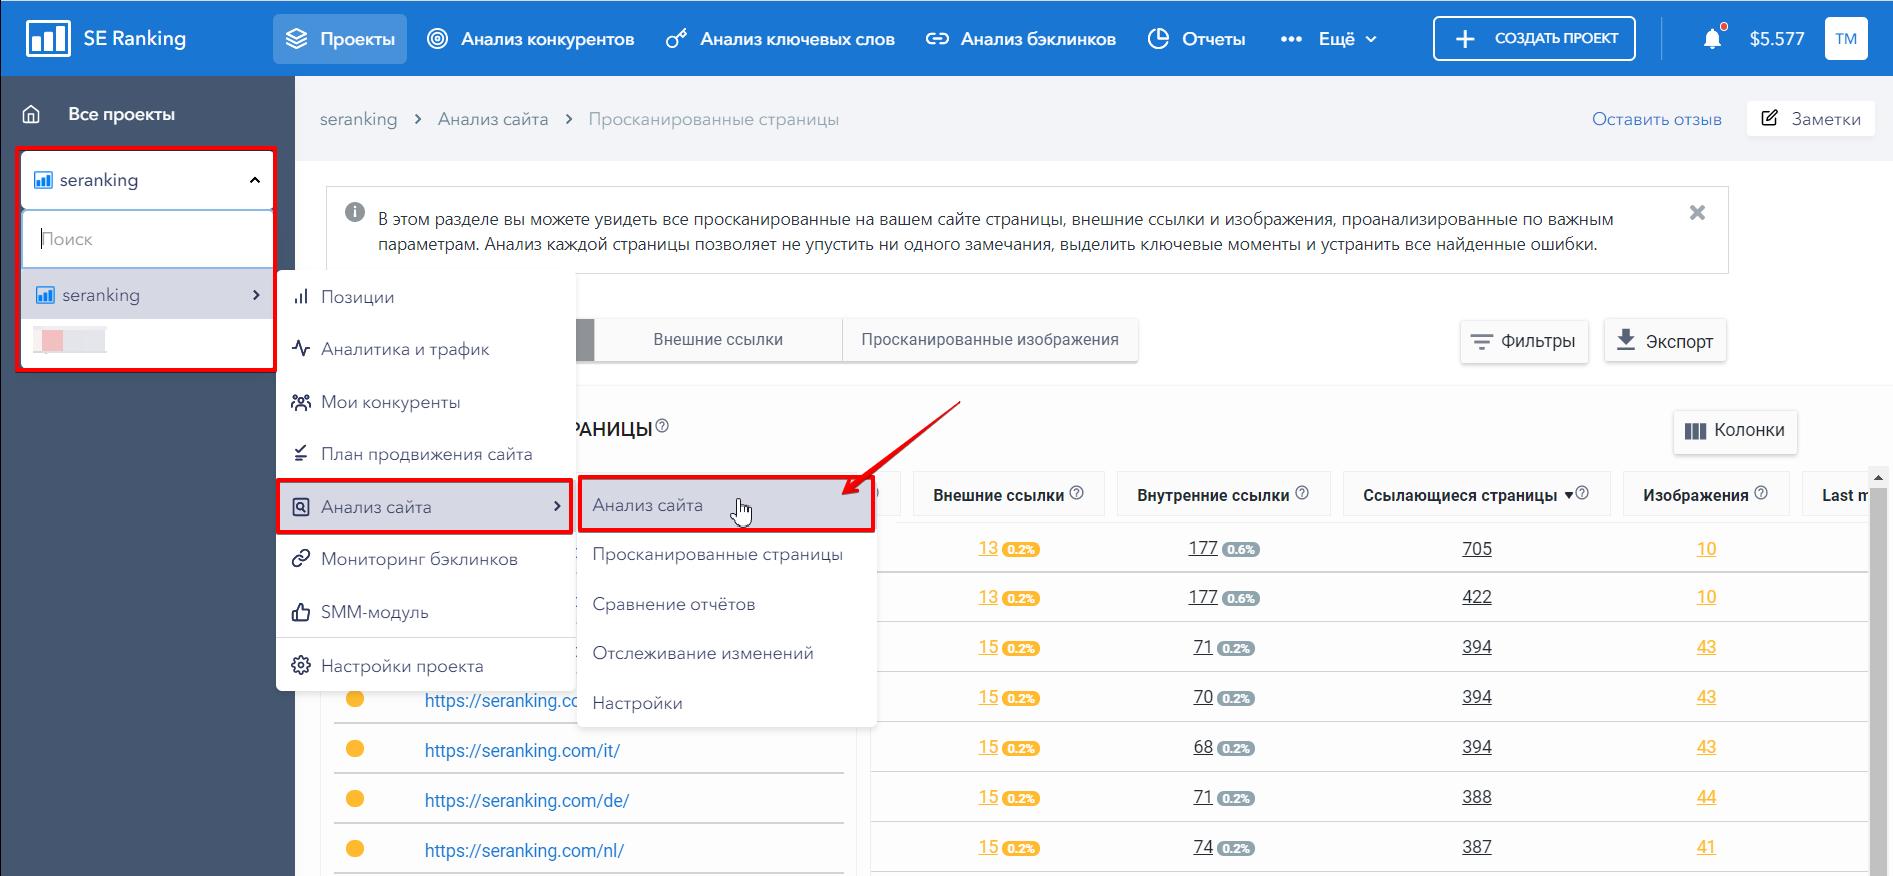 Раздел Анализ сайта в SE Ranking